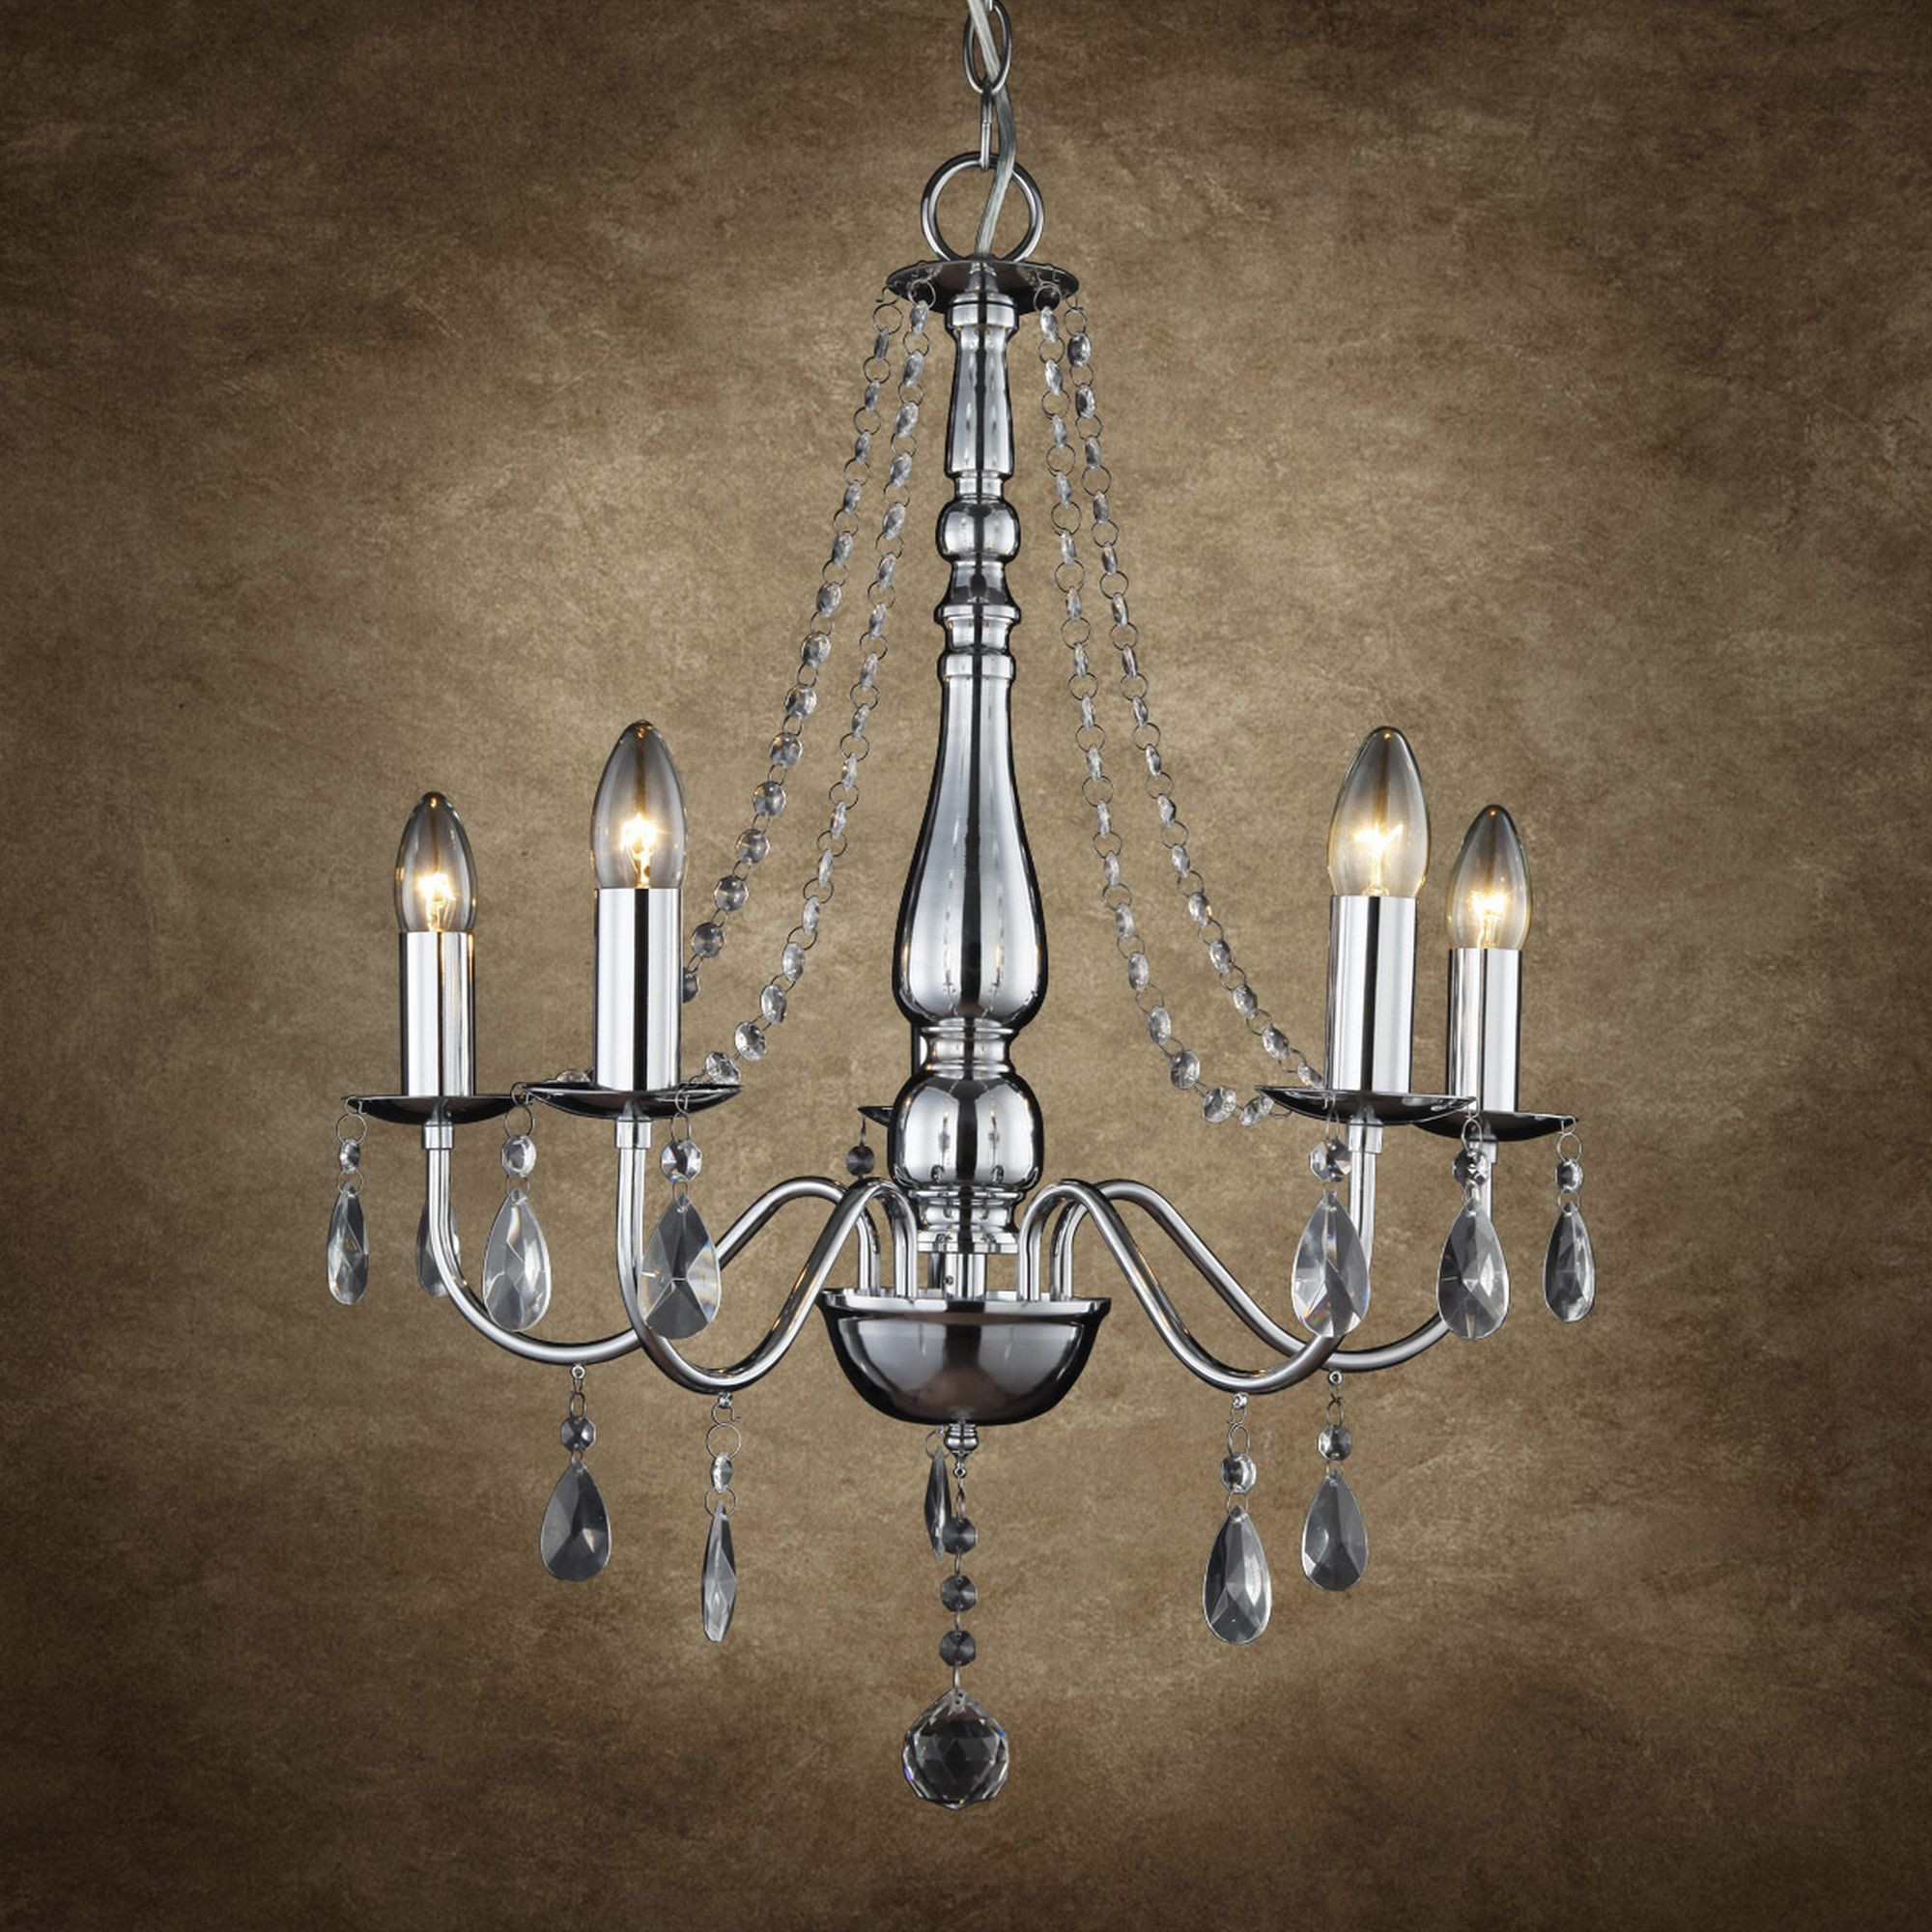 Kronleuchter Ebay  Eleganter Kristall Chrom Kronleuchter Lüster